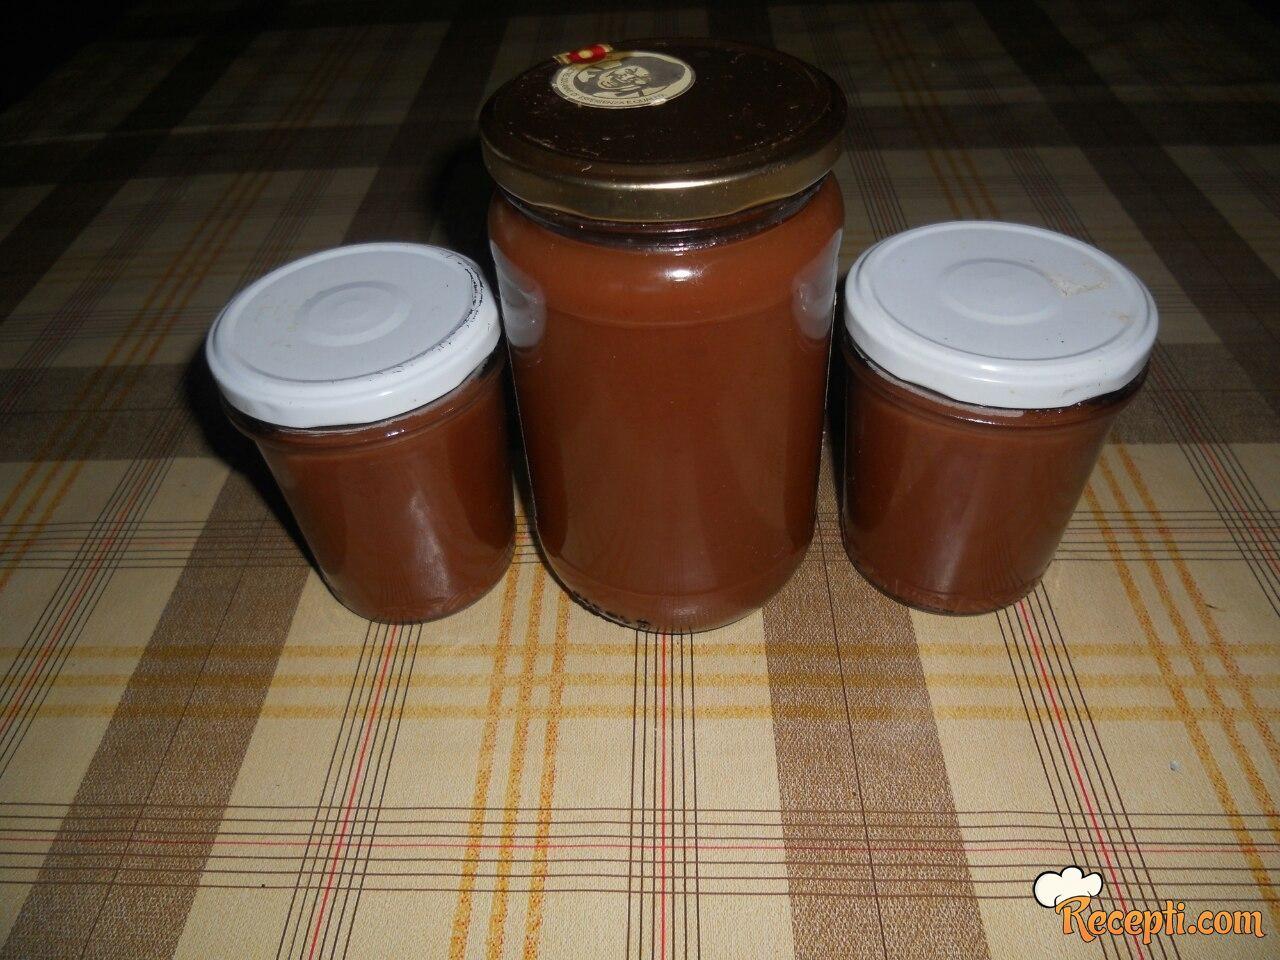 Džem od vinogradarskih bresaka (praski)